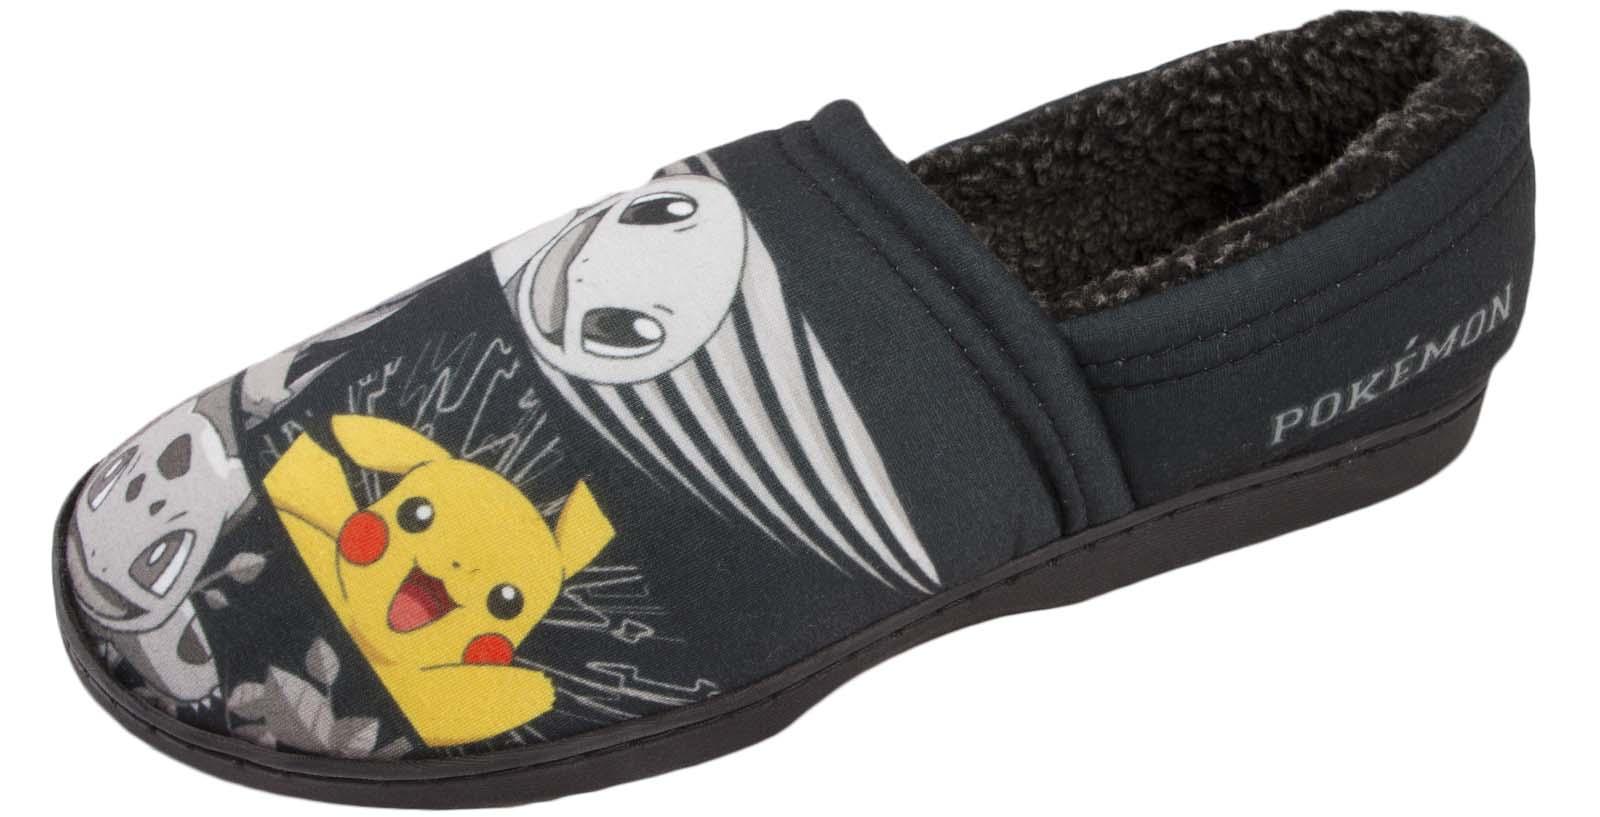 Para Hombre Zapatillas De Pokemon Pikachu comodidad Mulas Novedad indoort Zapatos Regalo Chicos Tamaño